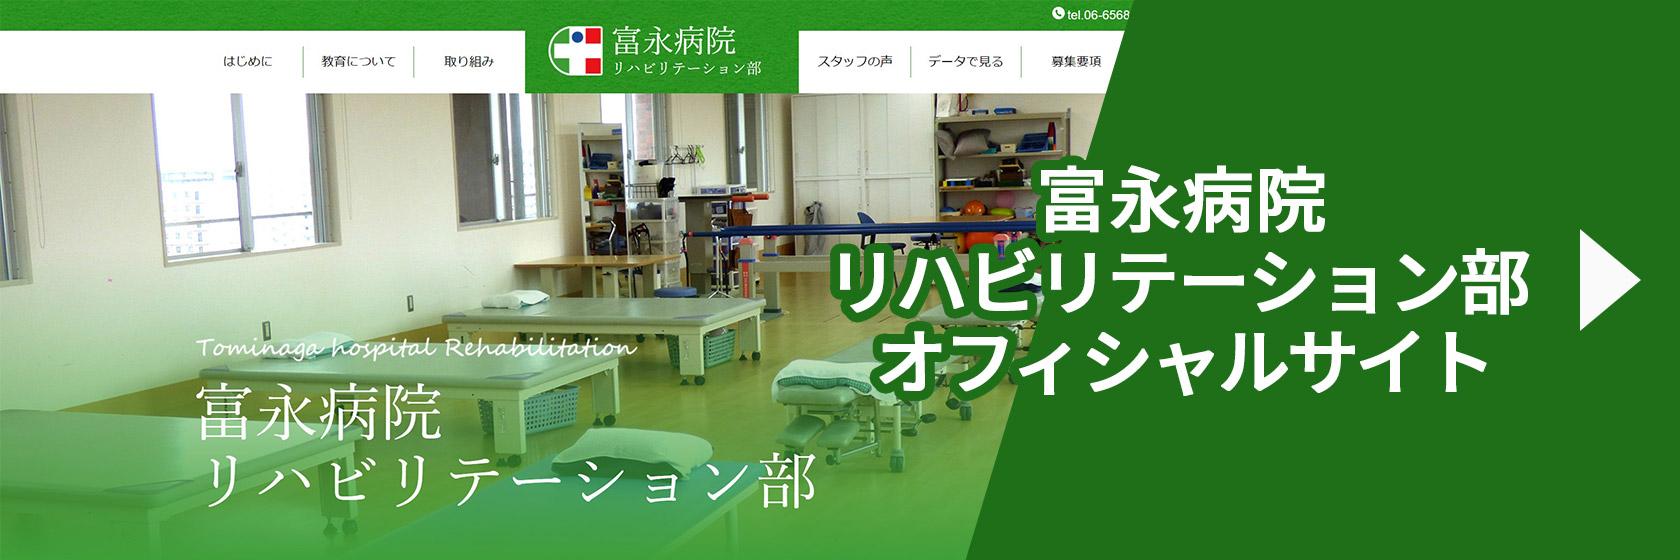 富永病院リハビリテーション部 オフィシャルサイト